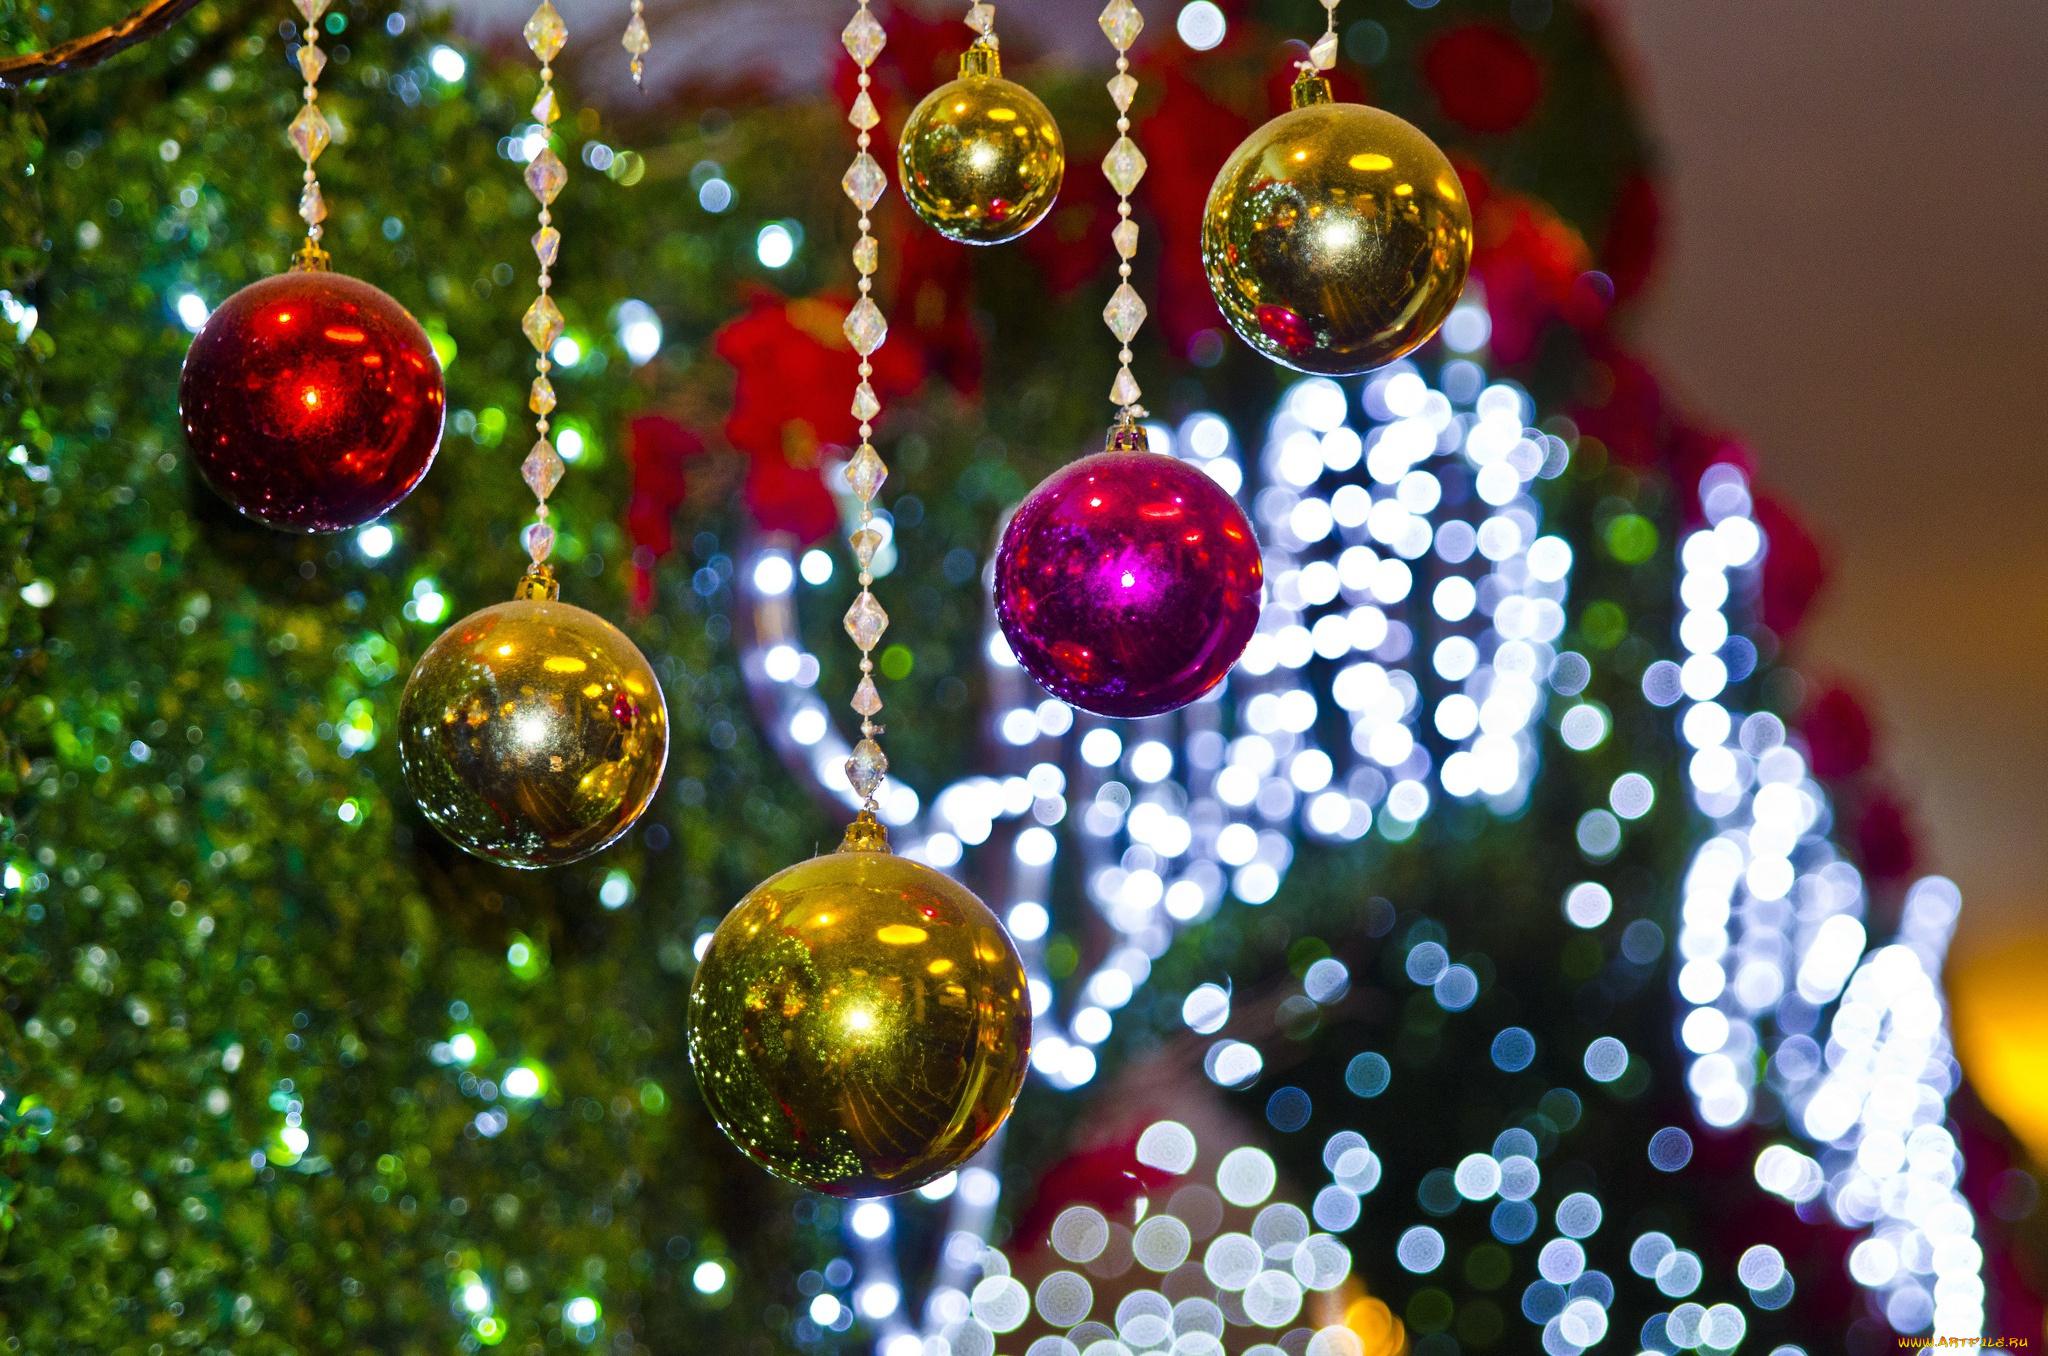 елка,шары,огоньки  № 340845 бесплатно